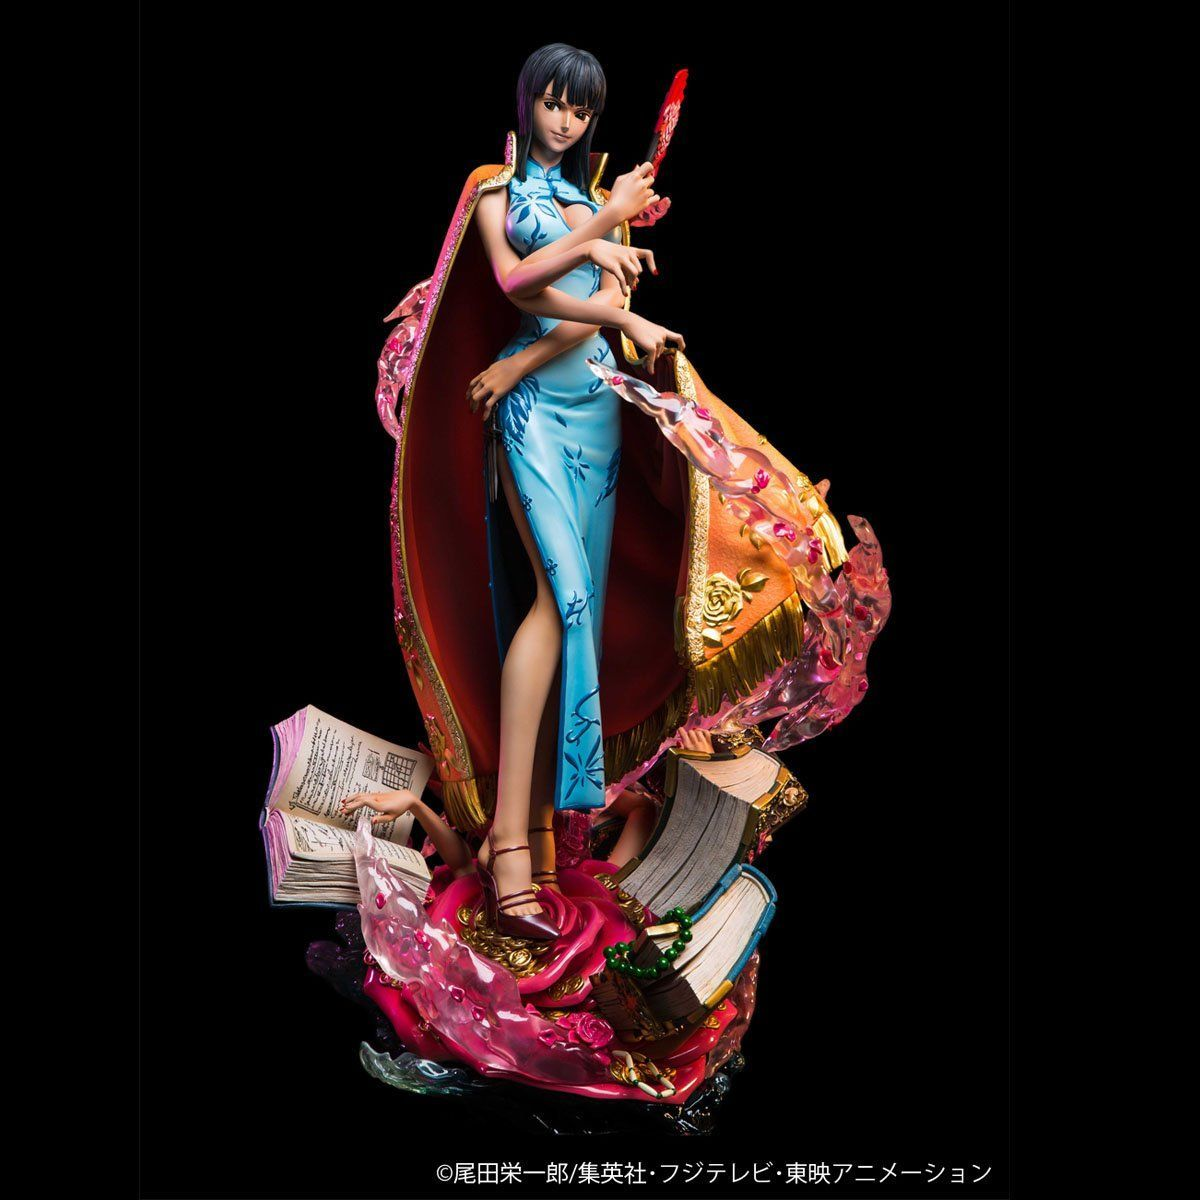 ワンピース ログコレクション 大型スタチューシリーズ『ニコ・ロビン』完成品フィギュア-004